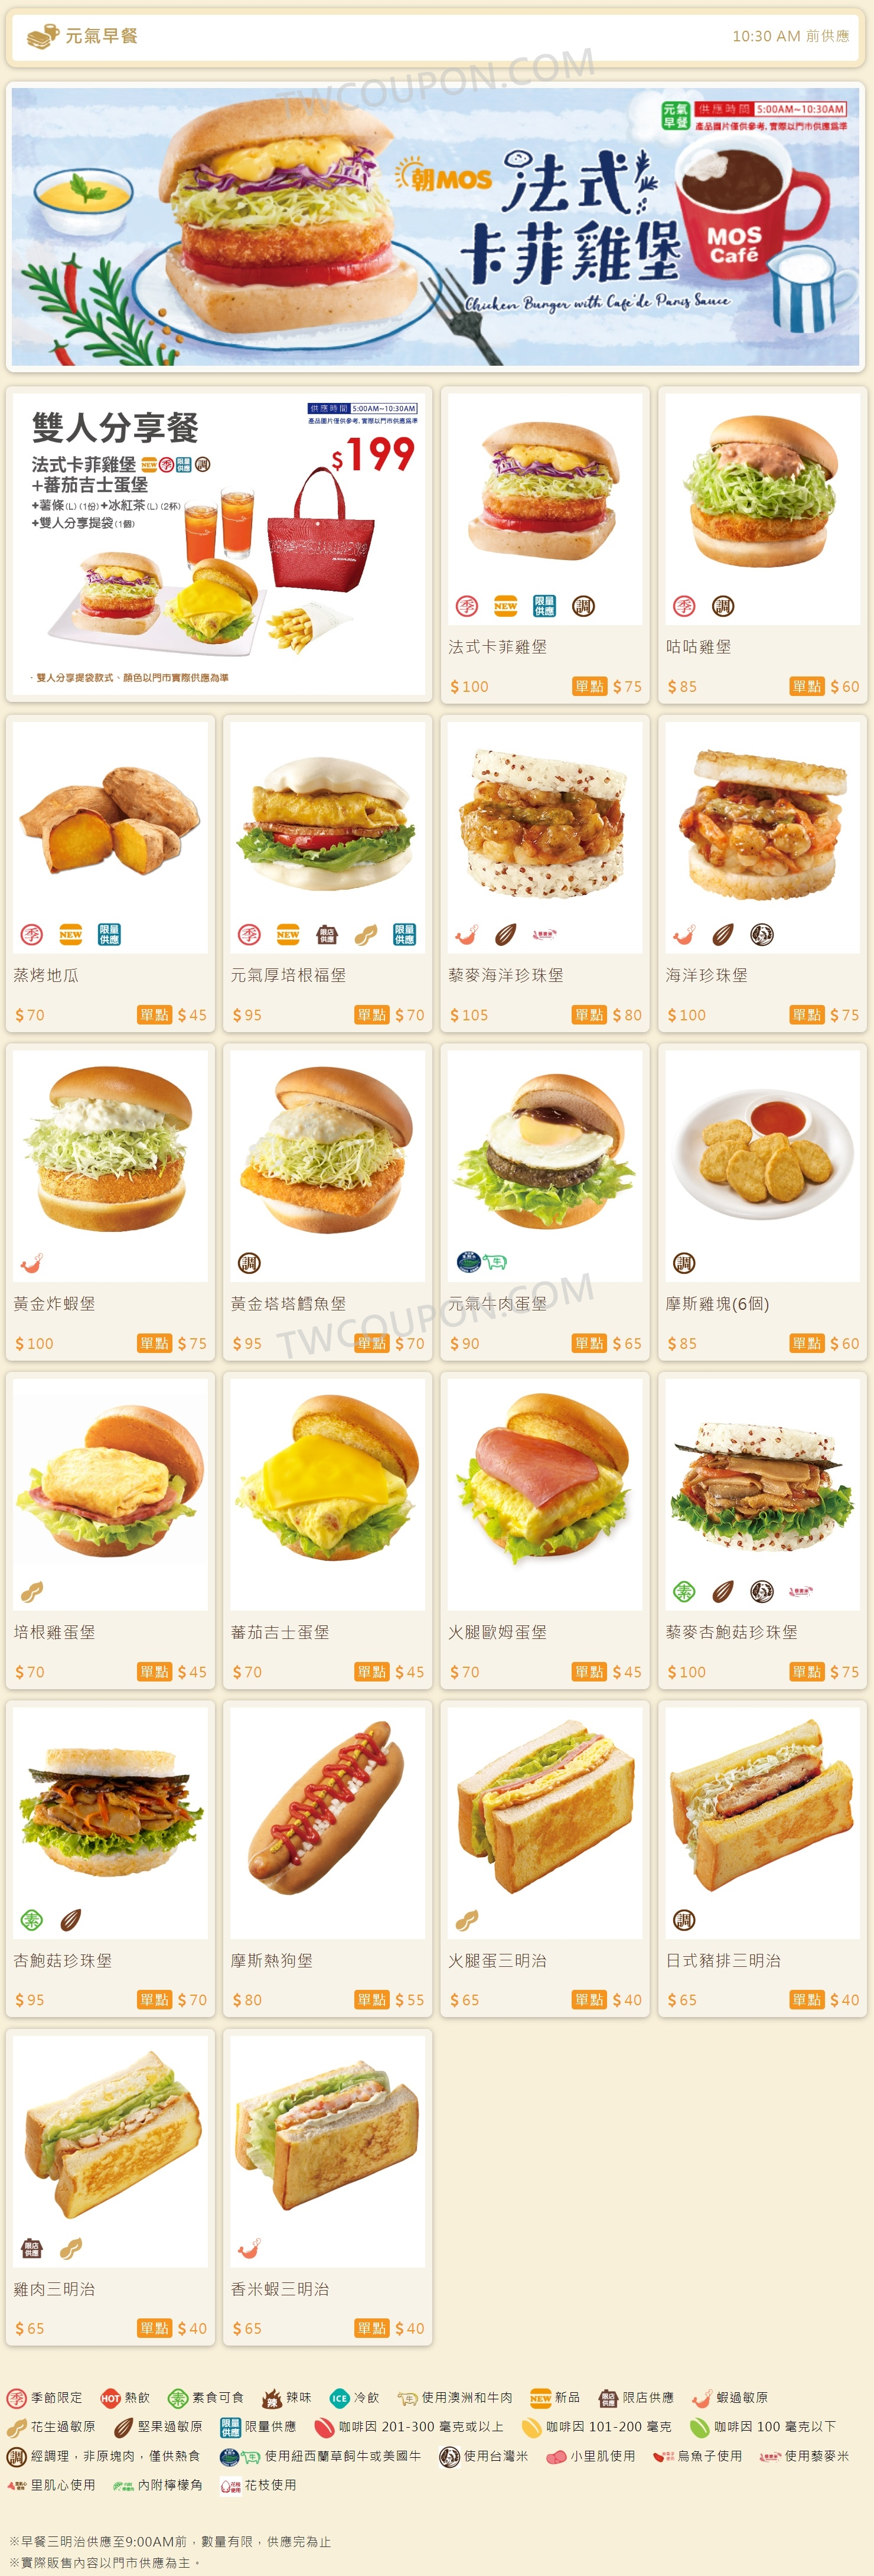 摩斯漢堡 元氣早餐 菜單